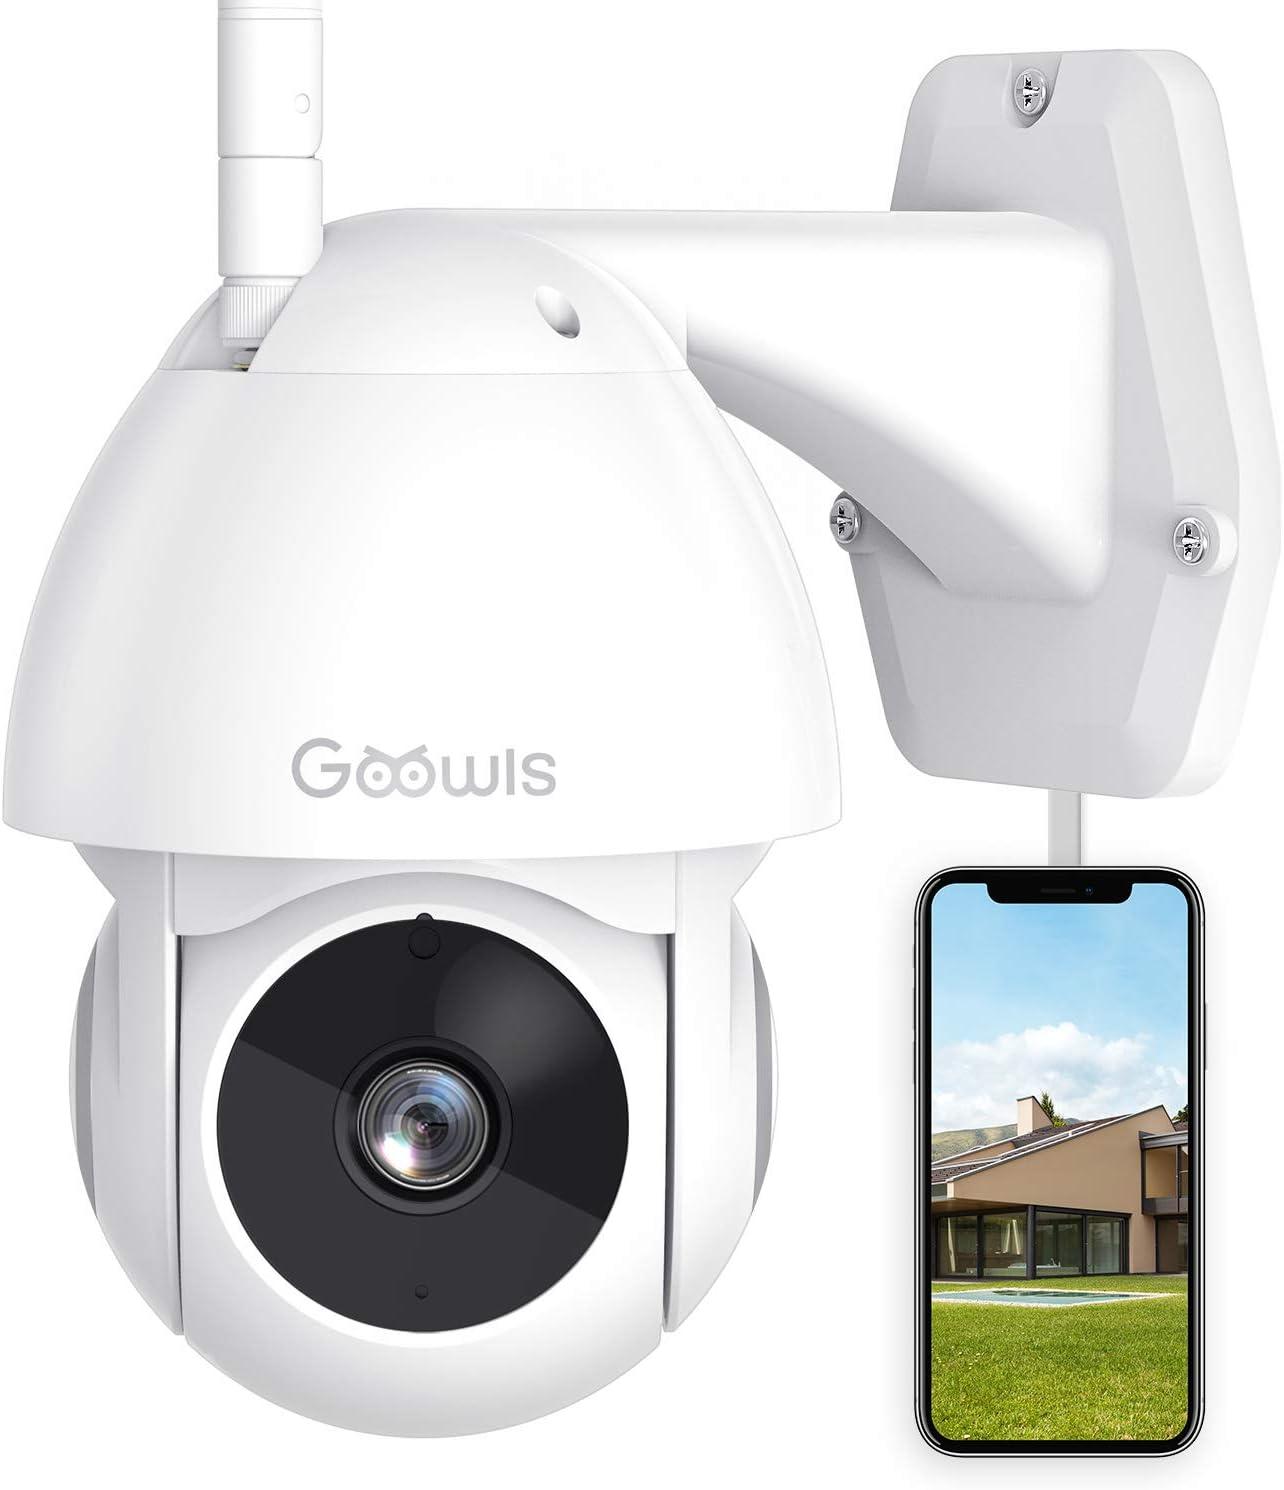 Cámara de Vigilancia Exterior, Goowls Cámara IP WiFi 1080p HD con Vista panorámica/inclinación de 360 ° IP65 a Prueba de Agua, Visión Nocturna, Detección de Movimiento, Audio Bidireccional